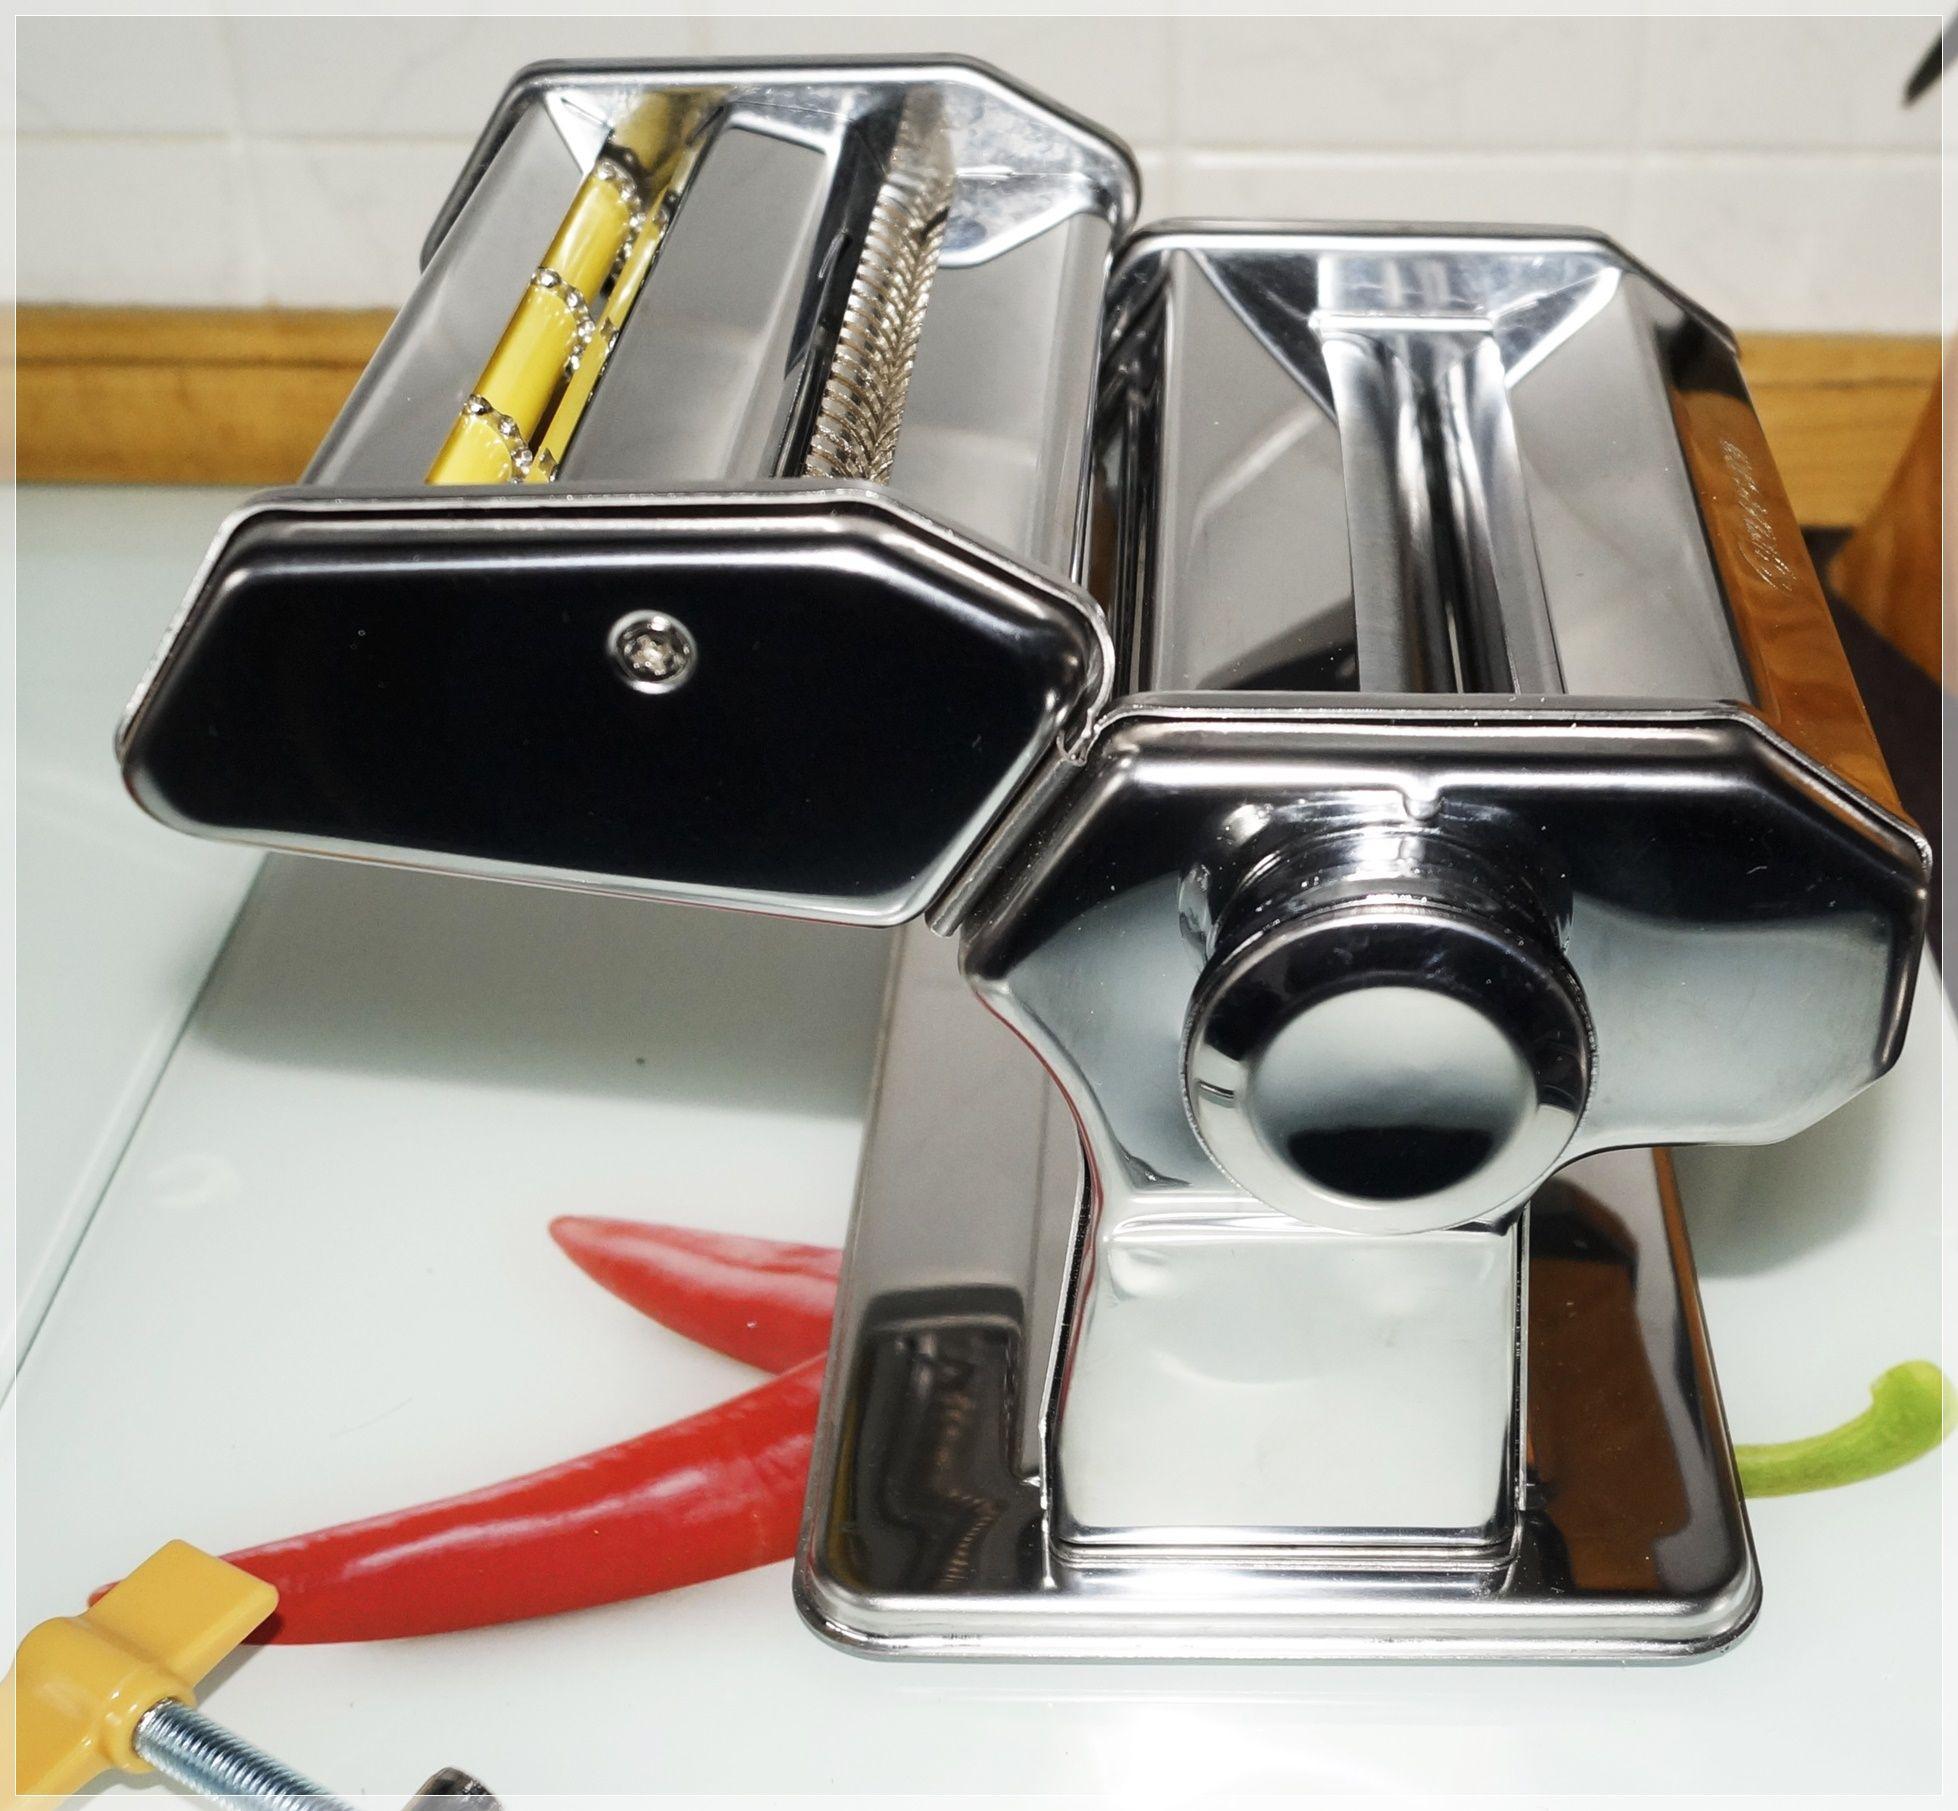 Pin Von Zeit Fur Abwechslung Mit Klars Auf Entdeckt Abwechslung Mit Klarstein Mit Bildern Kuchen Inspiration Nudelmaschine Maker